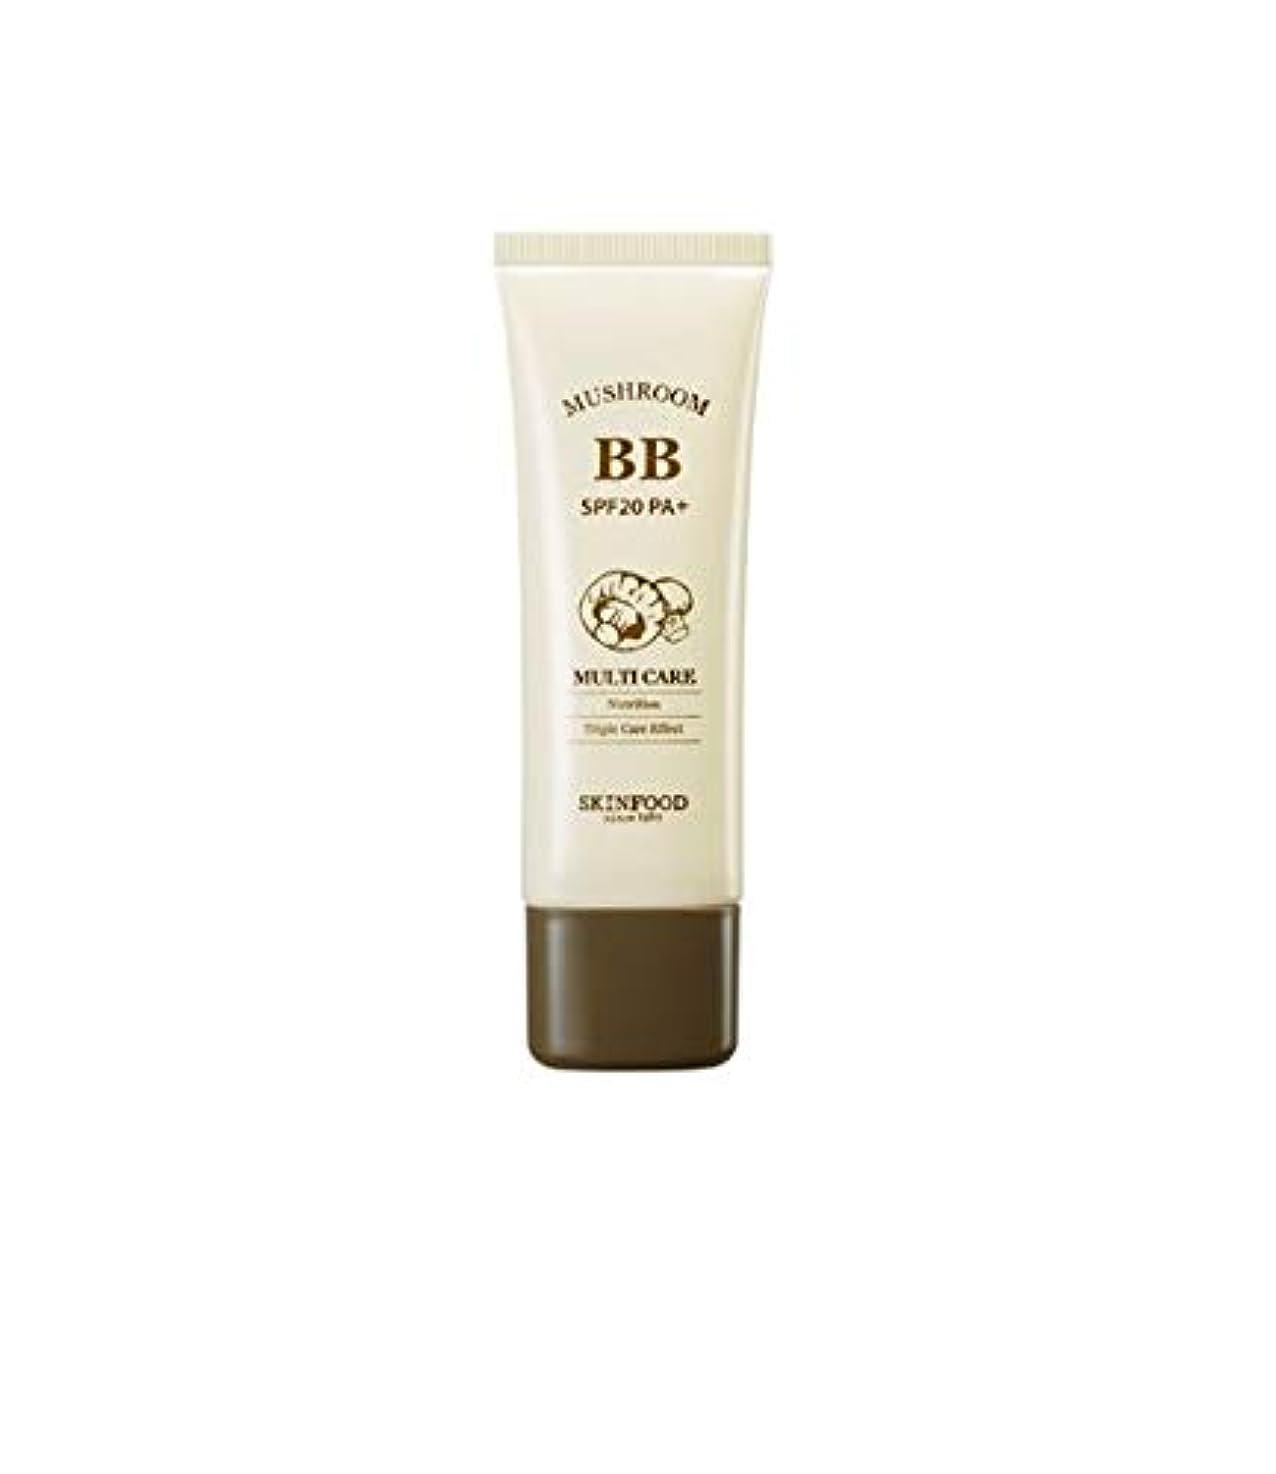 たっぷりエンディング学部長Skinfood マッシュルームマルチケアBBクリームSPF20 PA +#No。 2ナチュラルスキン / Mushroom Multi Care BB Cream SPF20 PA+#No. 2 Natural Skin...